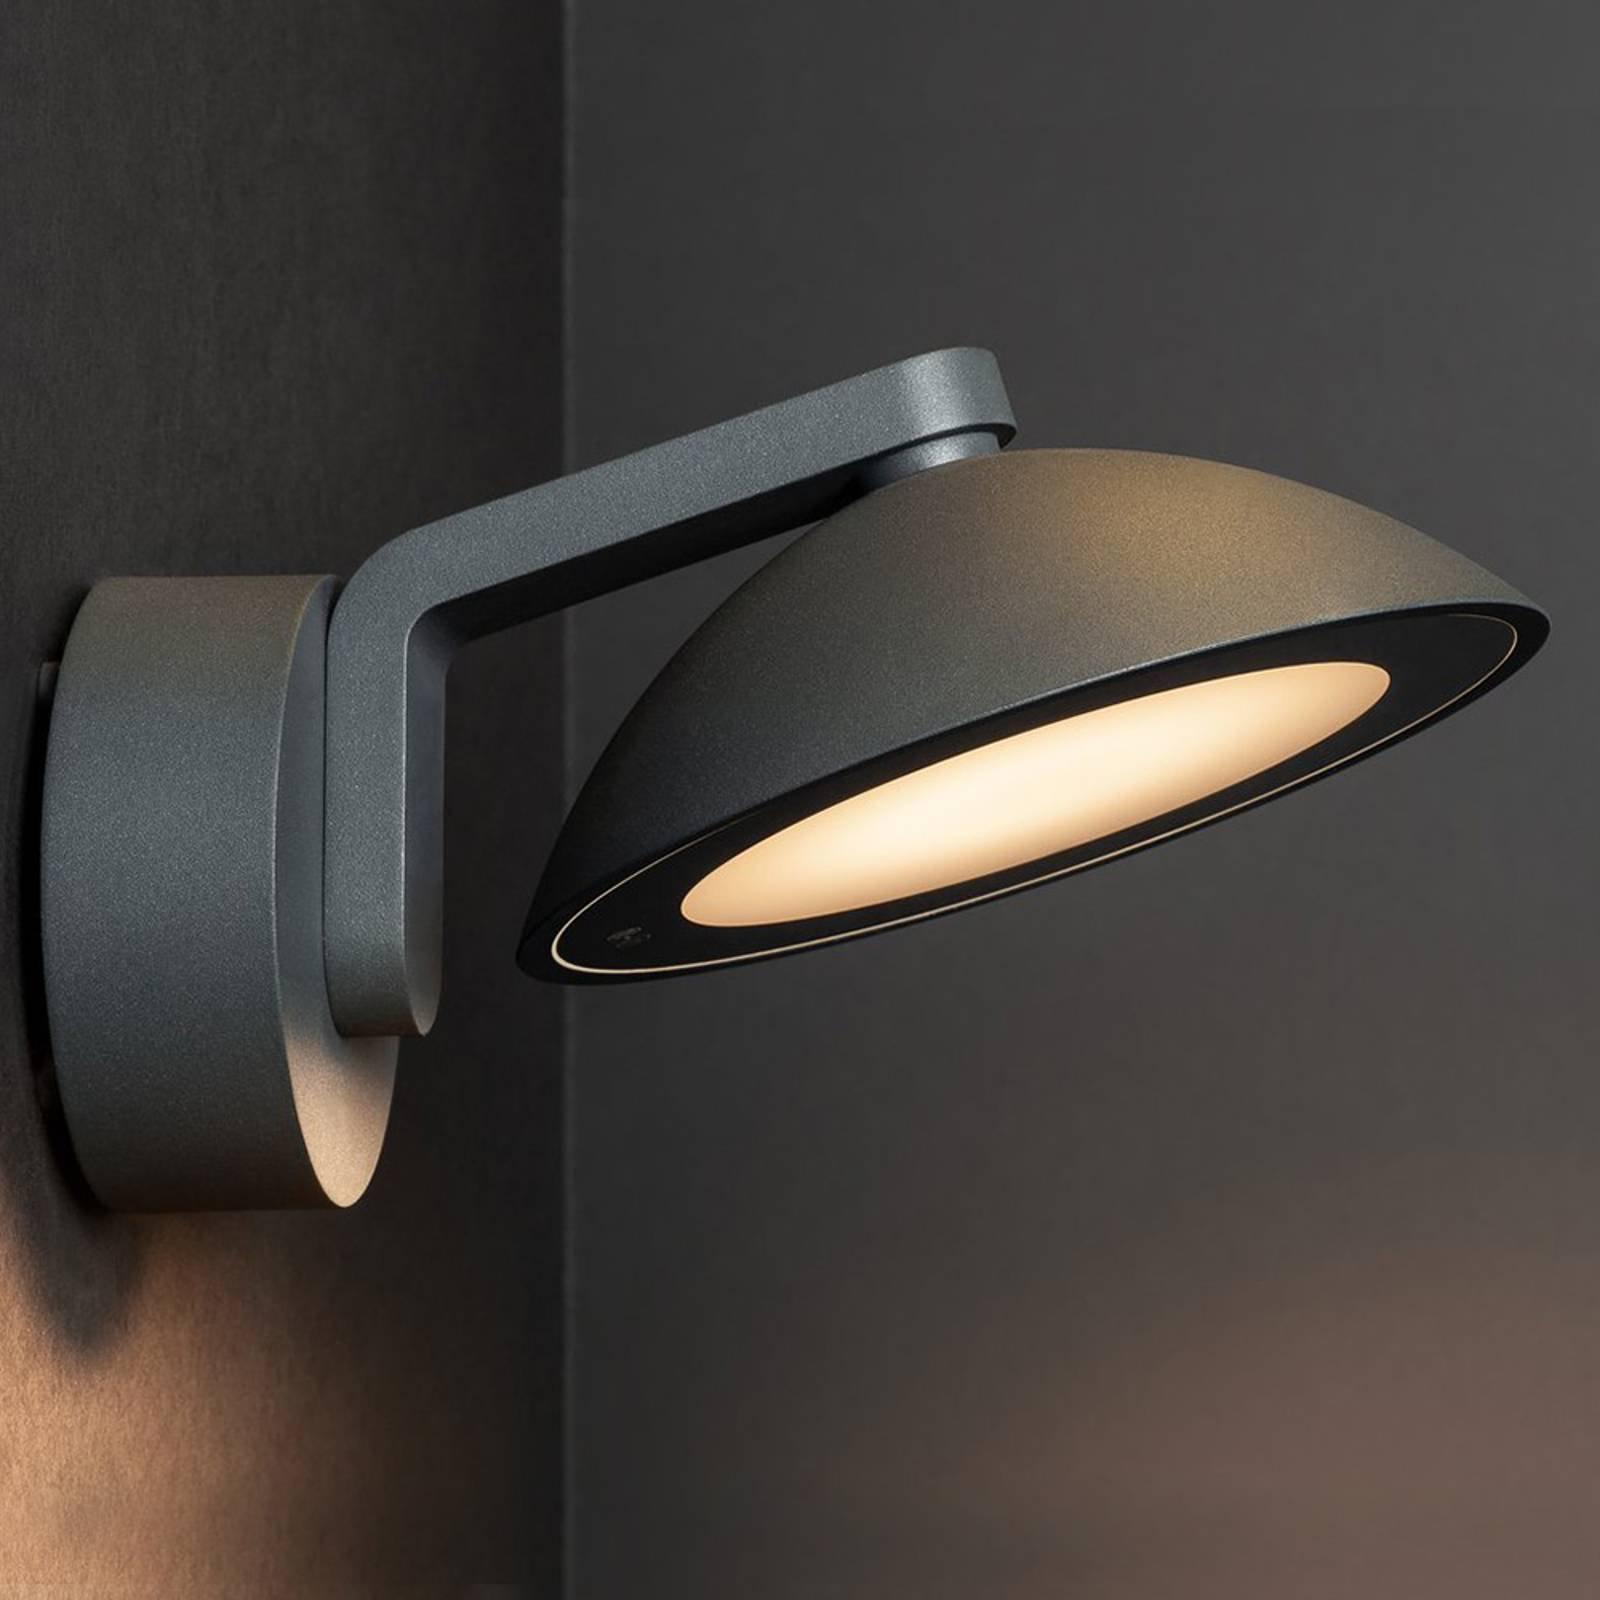 SLV Malu utendørs LED-vegglampe, rund